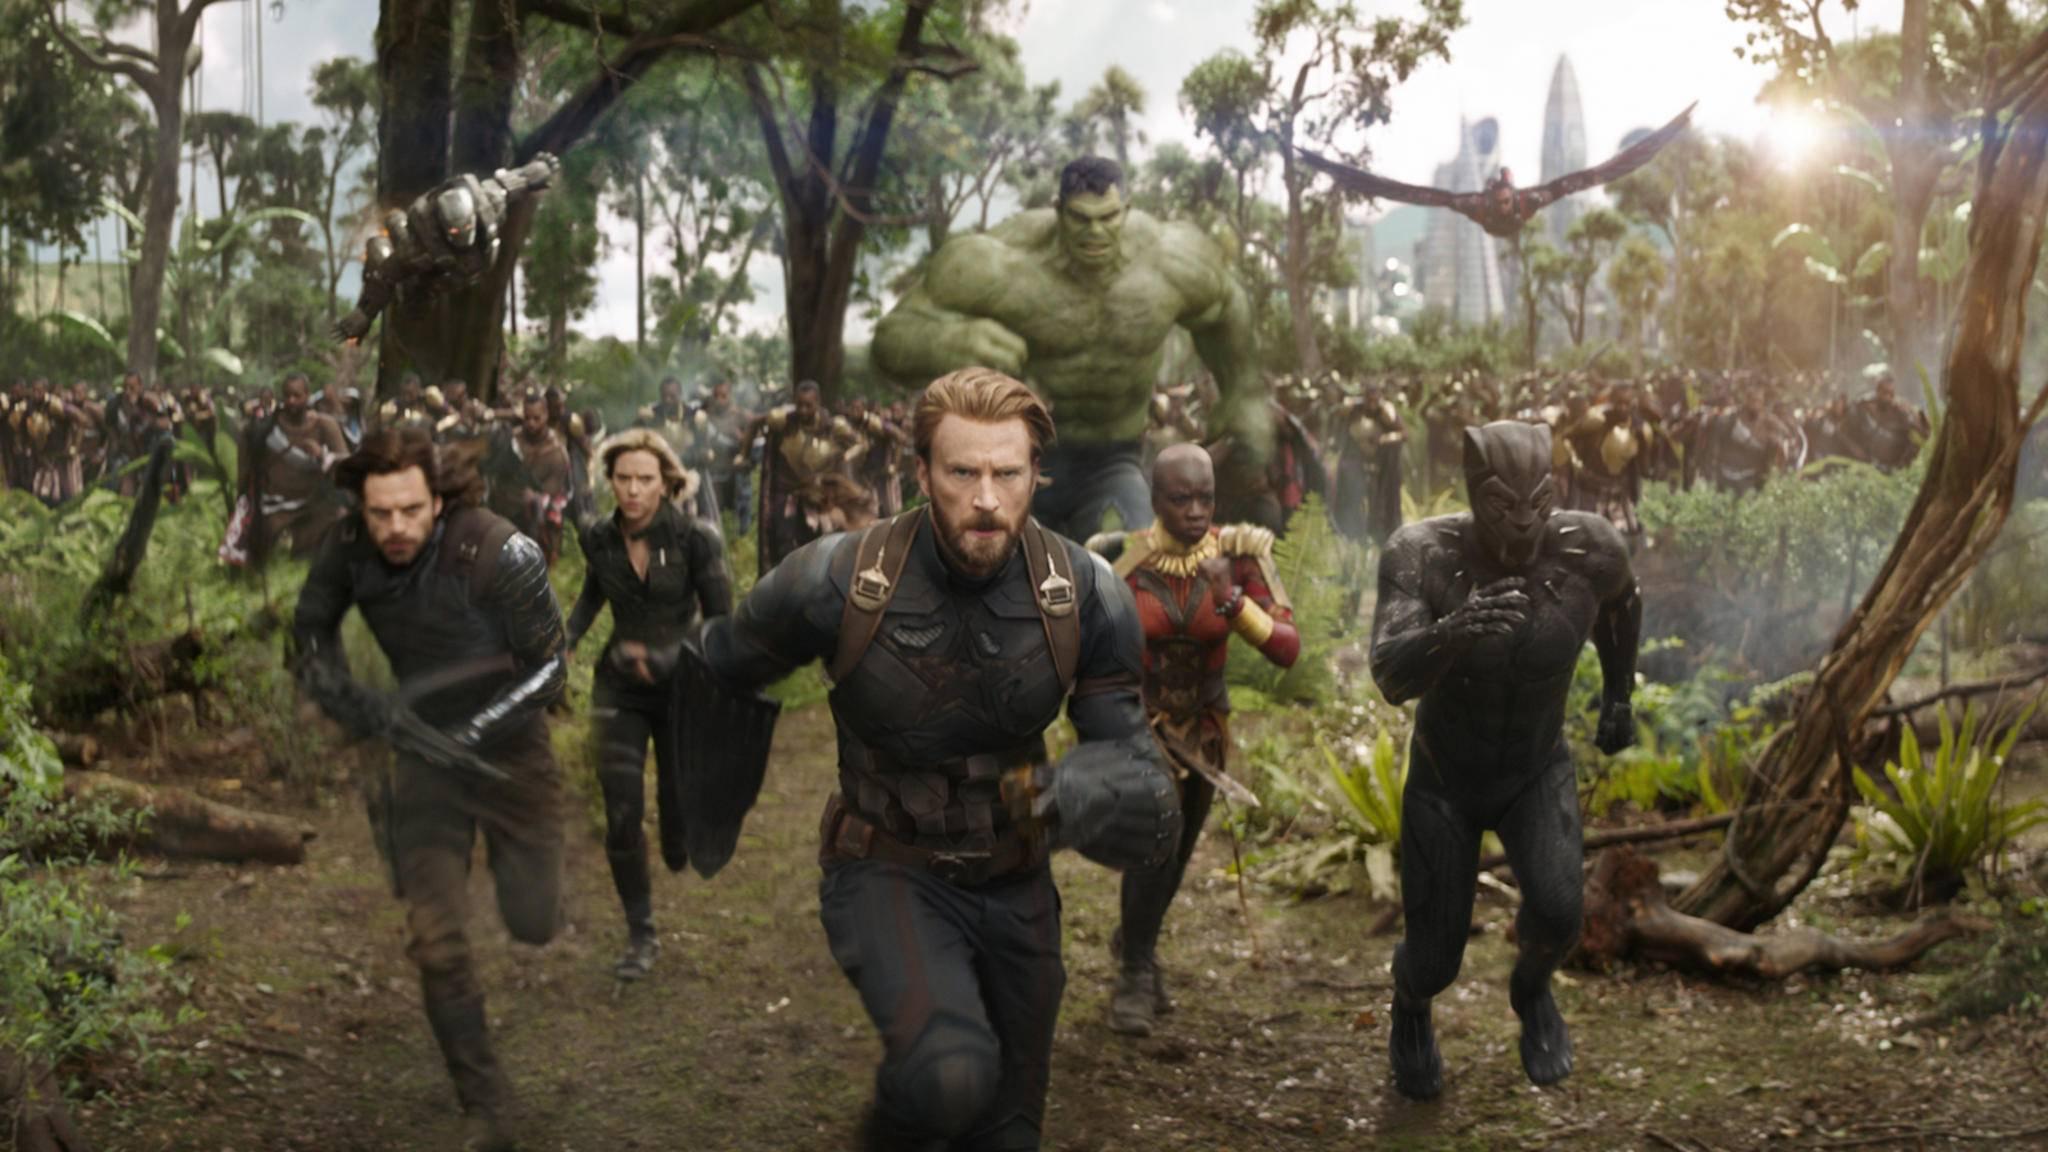 Falcon (oben rechts) fliegt mit seinen Helden-Kollegen in den Kampf – und überlebt offenbar.